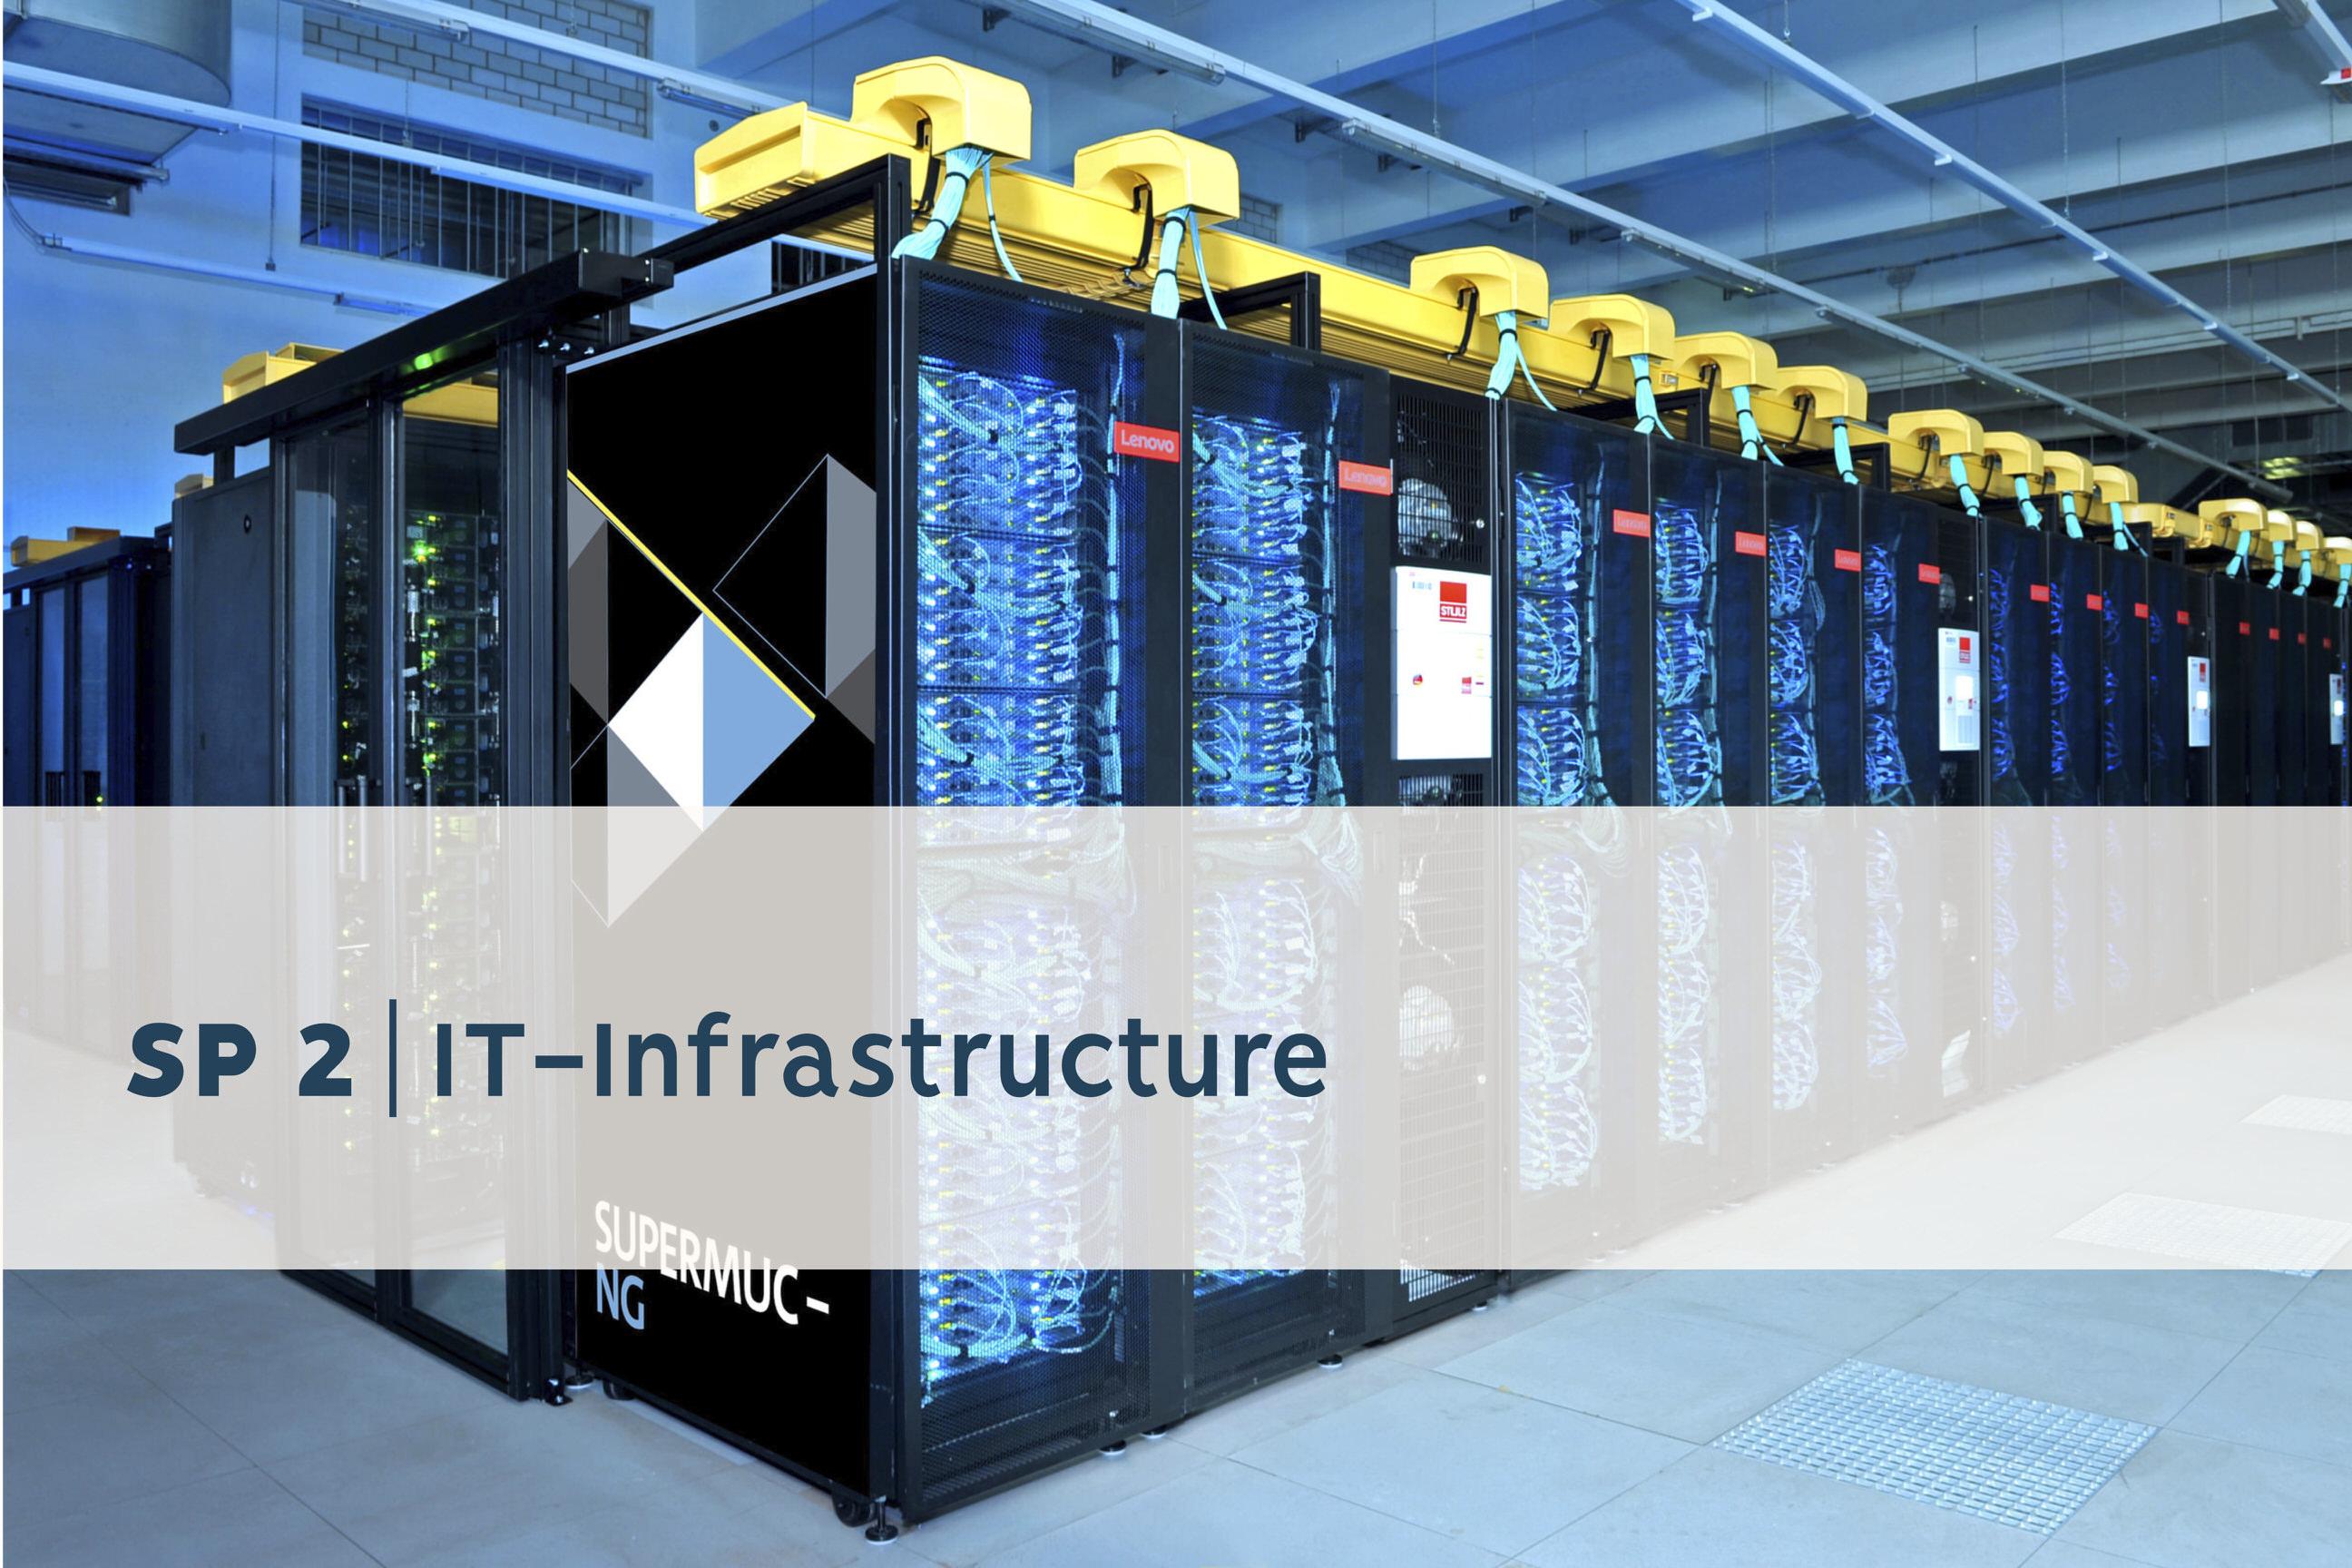 Riesenrechner als Sinnbild für IT-Infrastruktur